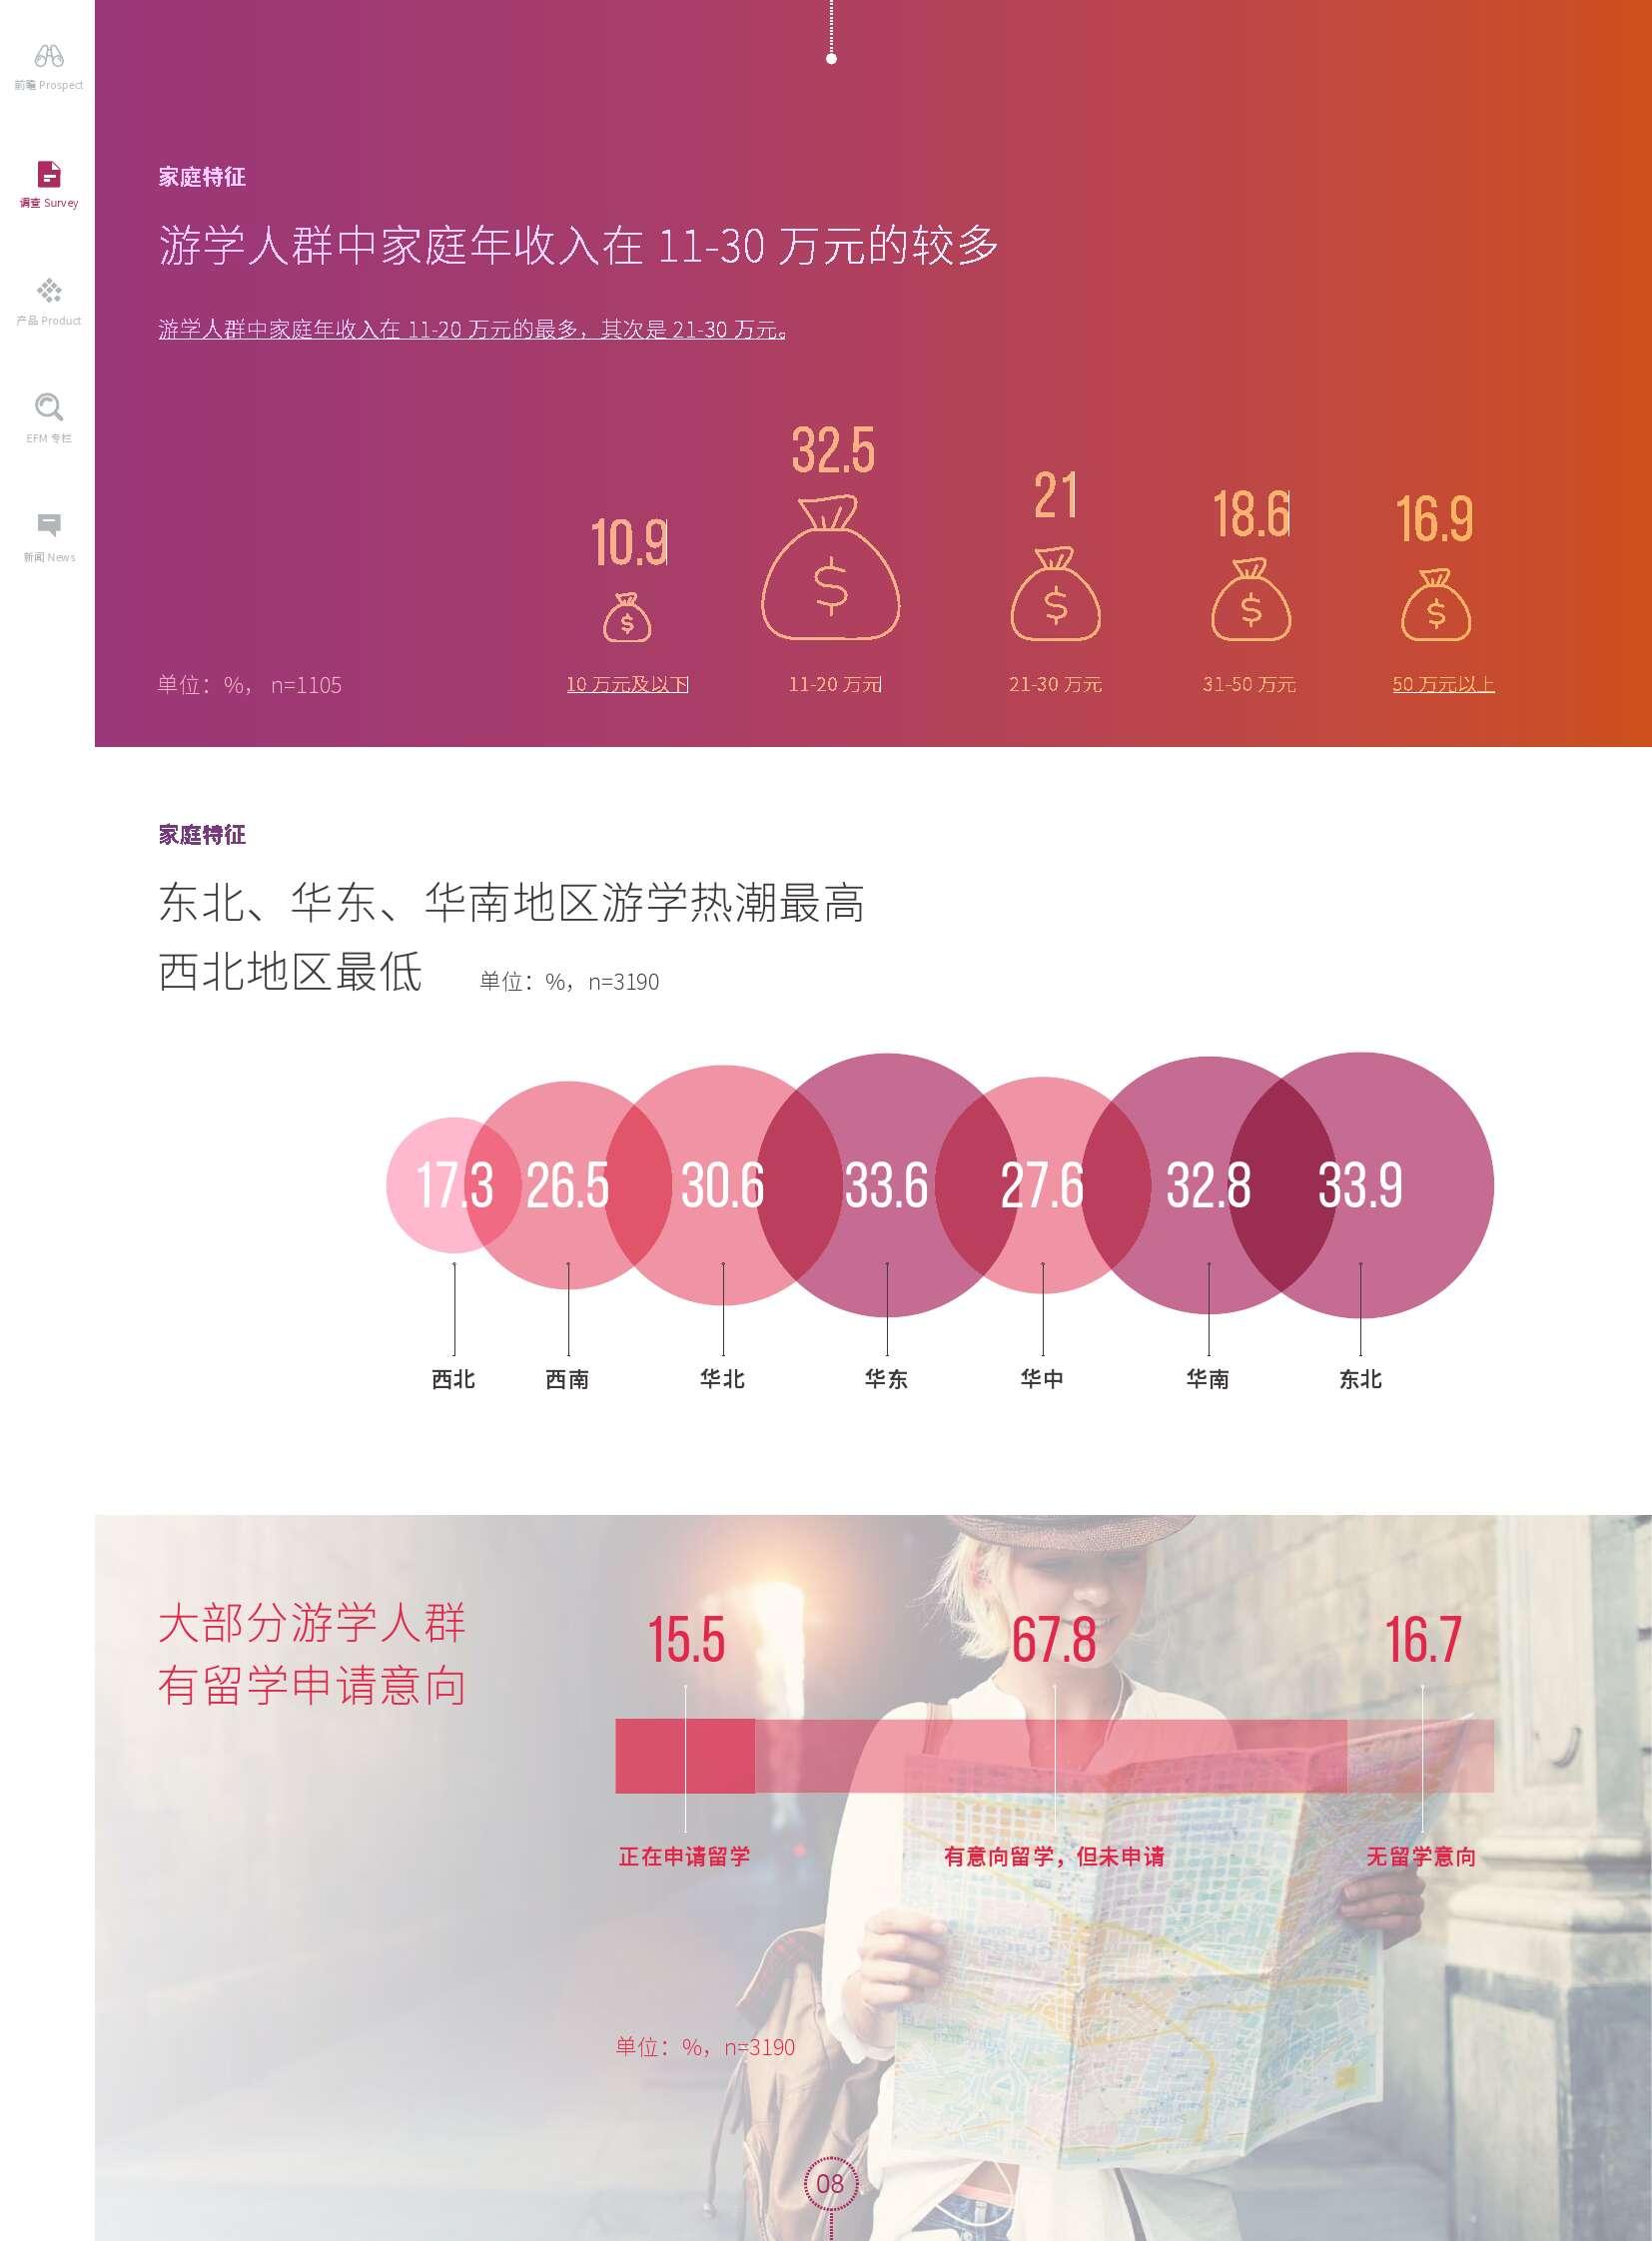 2016中国食品&饮料趋势及消费者洞察_000009